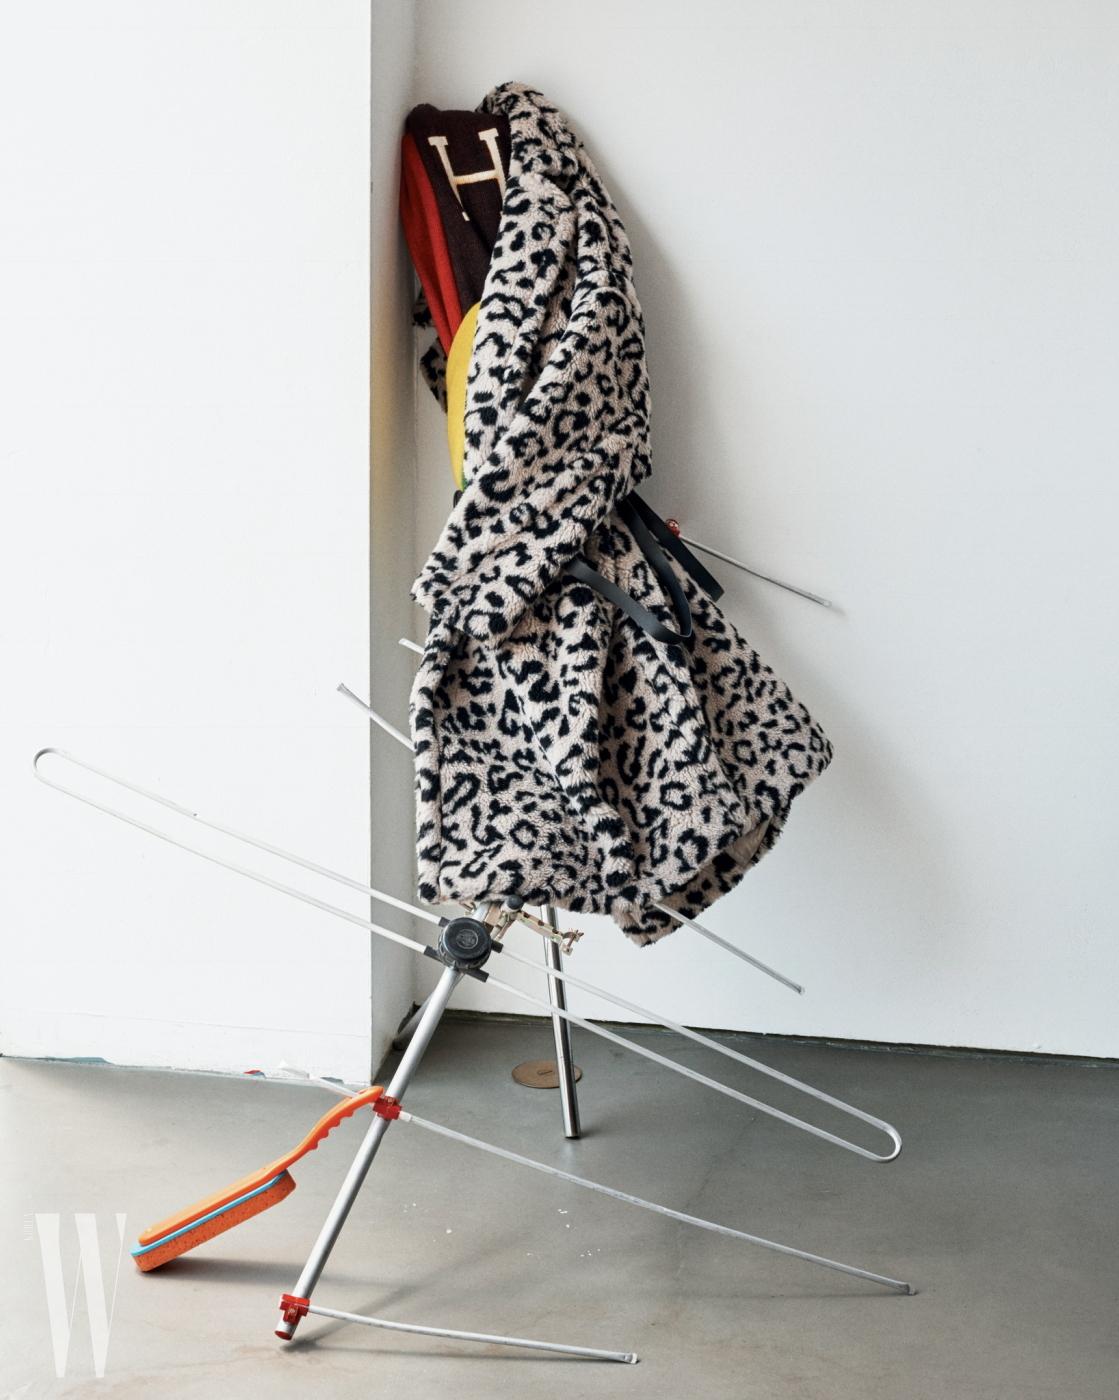 레오퍼드 프린트의 맥시 코트는 막스마라 제품. 가격 미정.